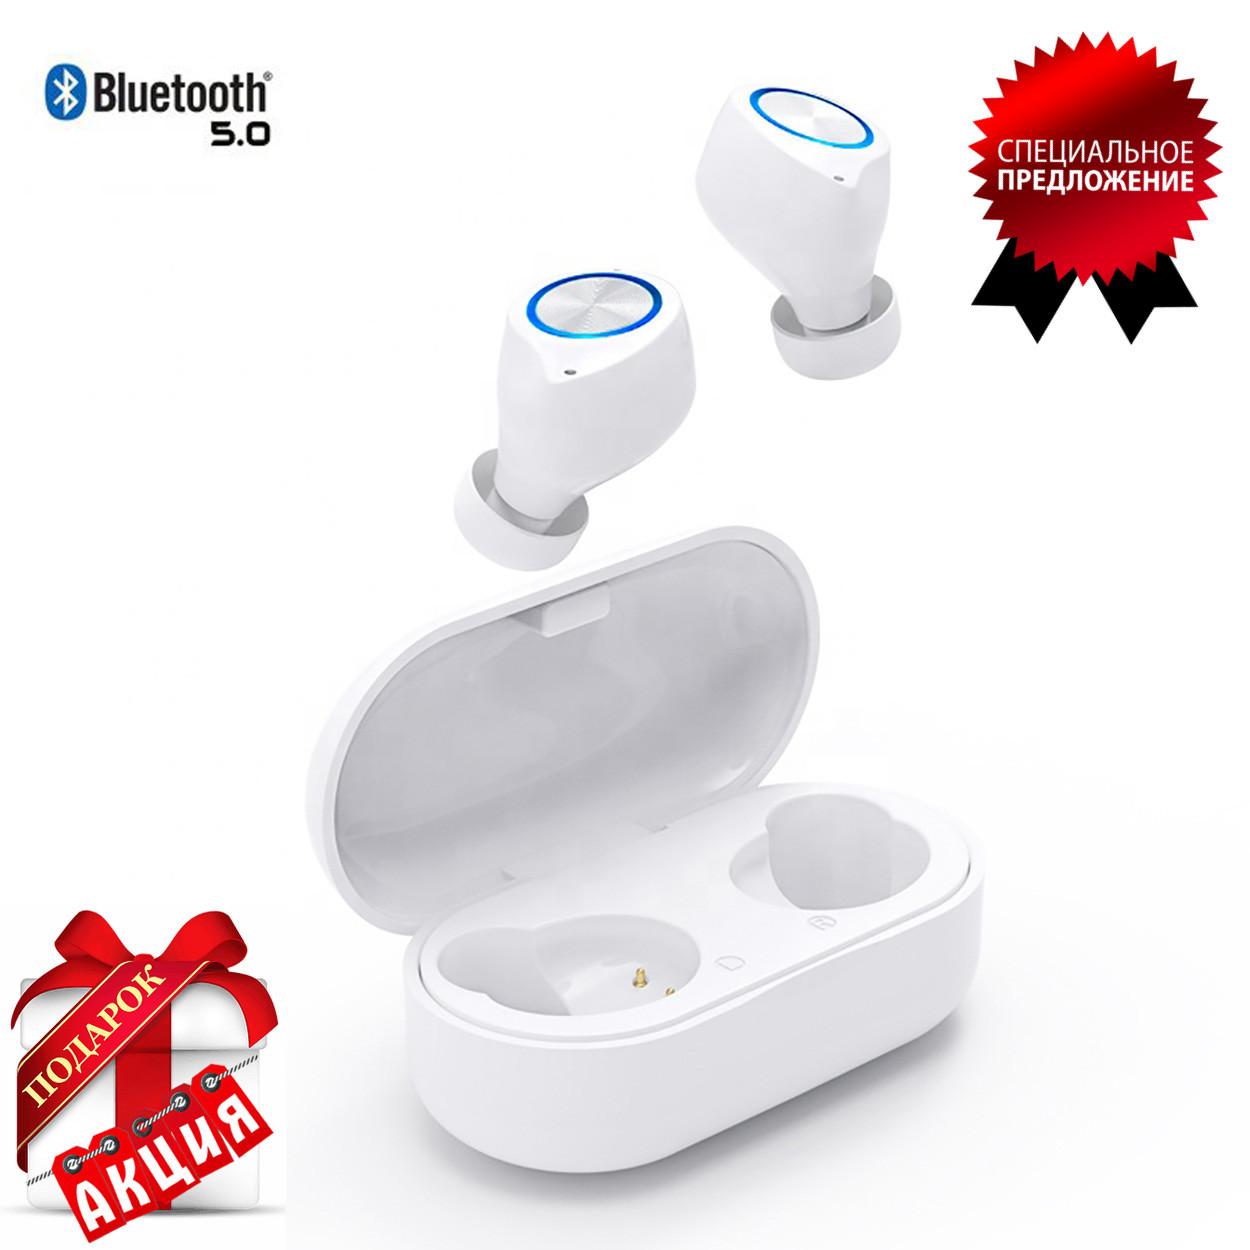 Беспроводные наушники блютуз гарнитура Bluetooth наушники 5.0 Wi-pods TW60. Белые